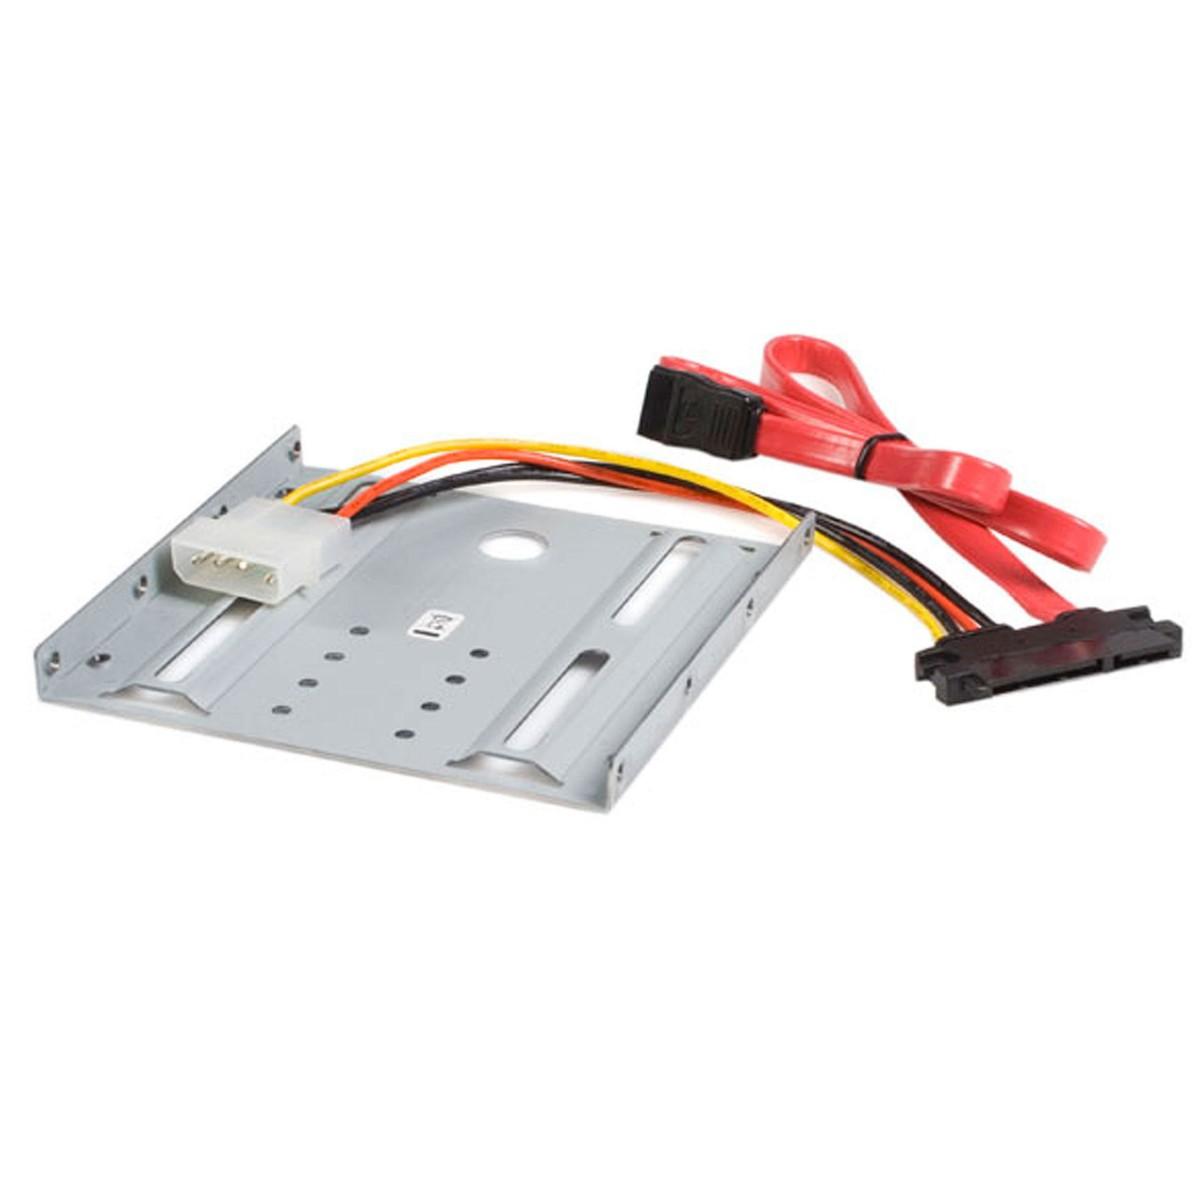 StarTech.com Kit de Montage pour Disque Dur SATA ou SSD 2.5″ dans